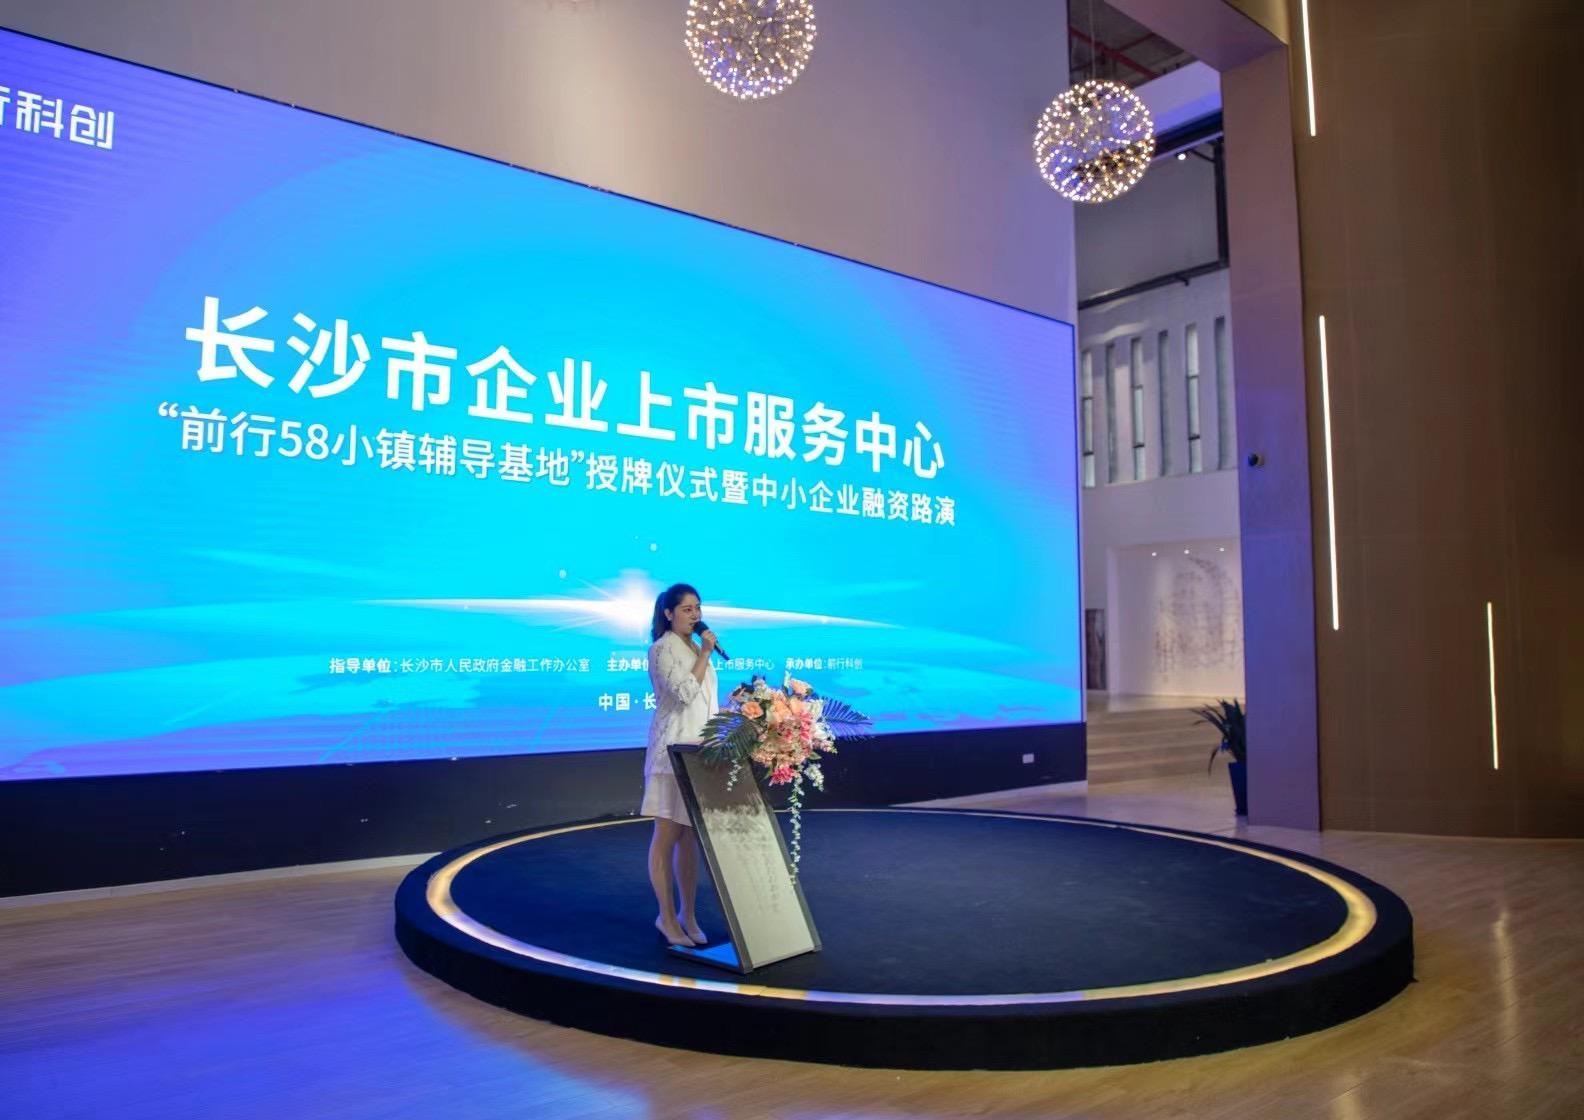 长沙市企业上市服务中心·前行科创辅导基地揭牌